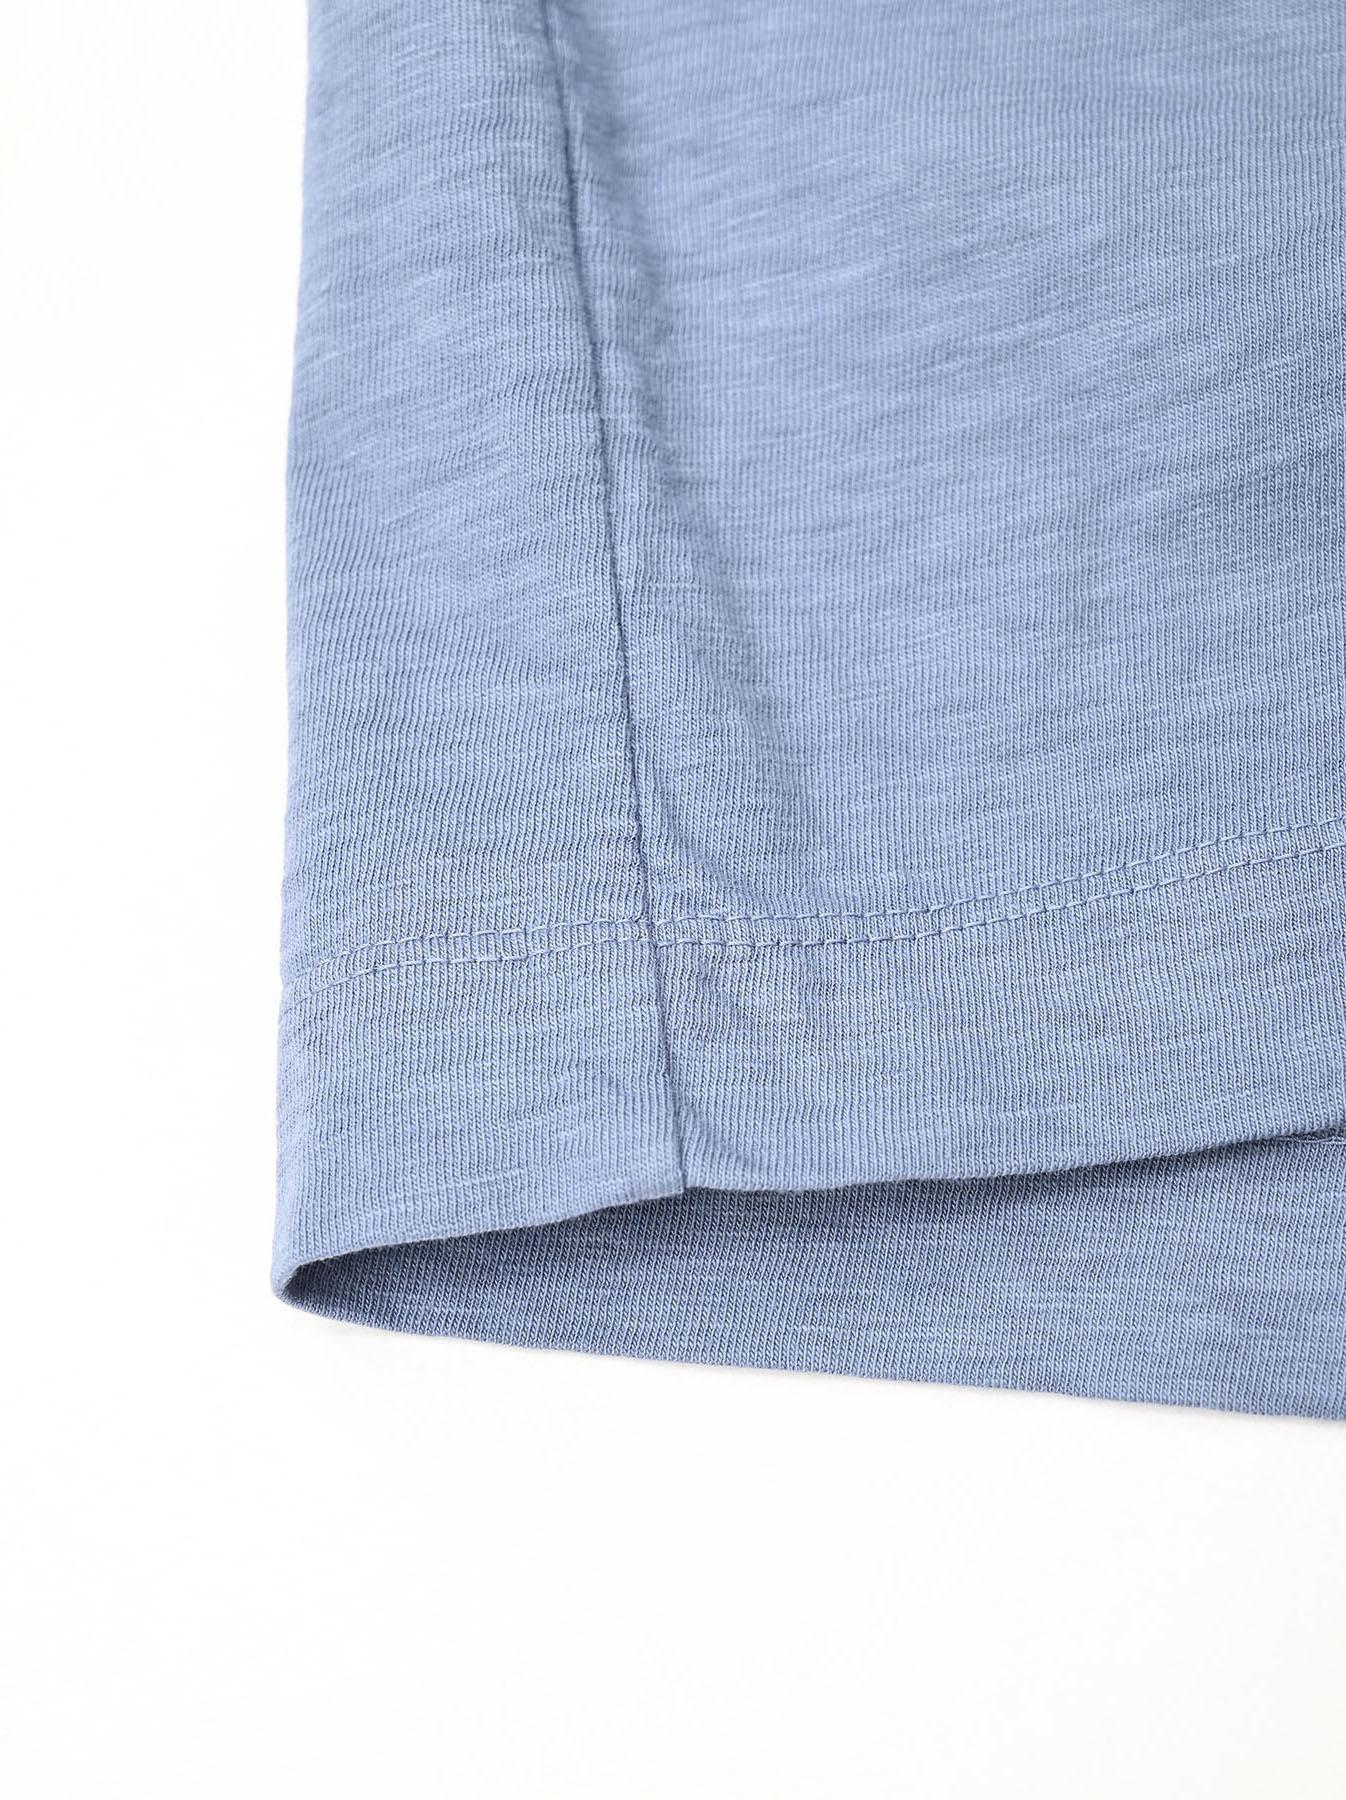 Zimbabwe Cotton Square T-shirt-10